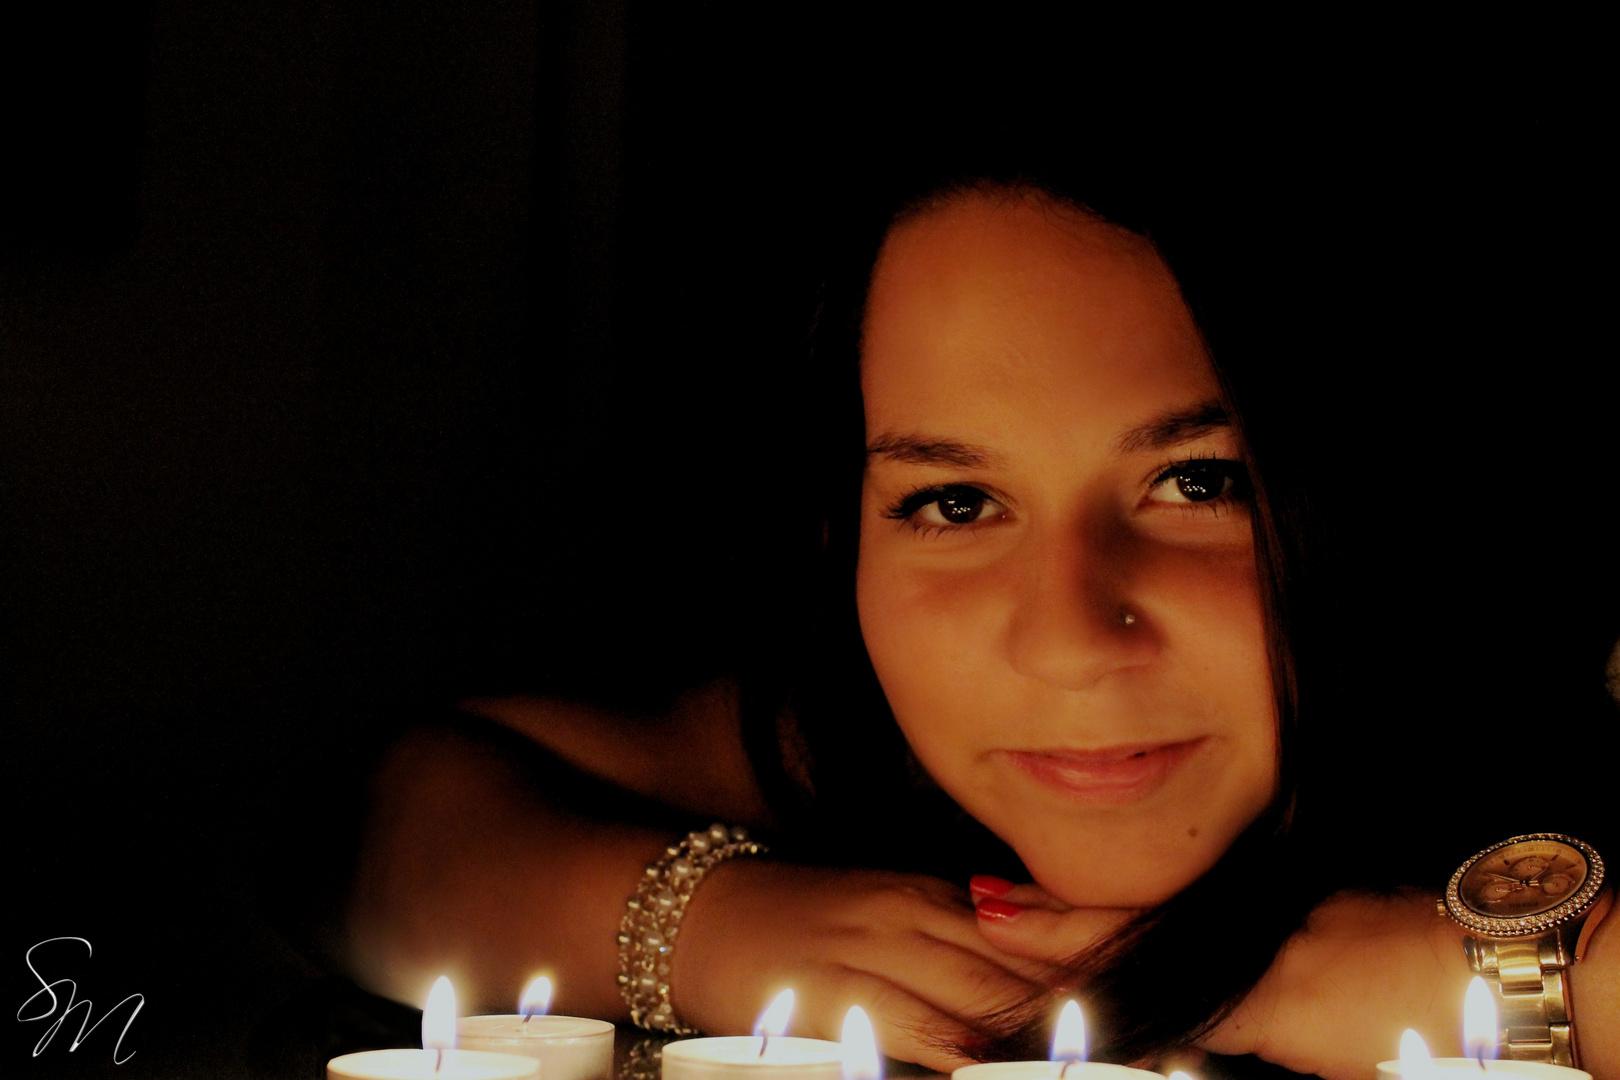 Kerzenschein.